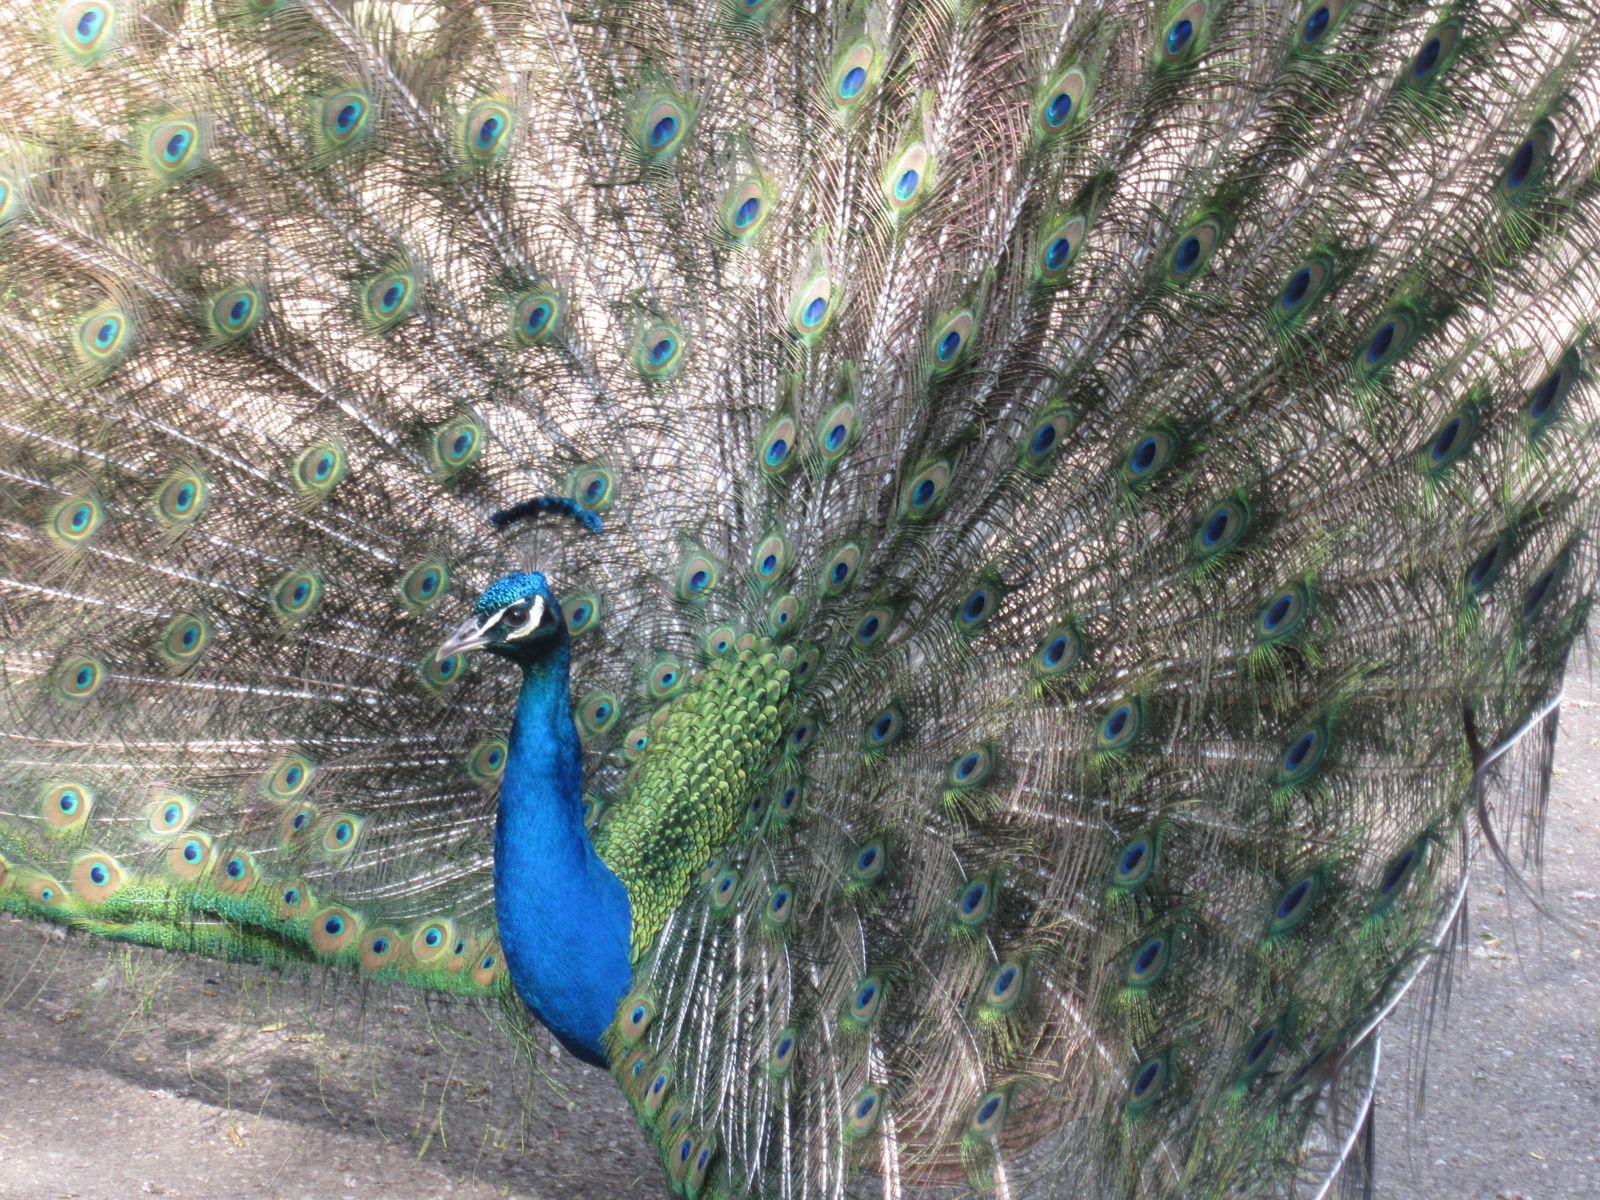 Le Paon Qui Fait La Roue la roue du paon au zoo d'amnéville - lesphotosaelina